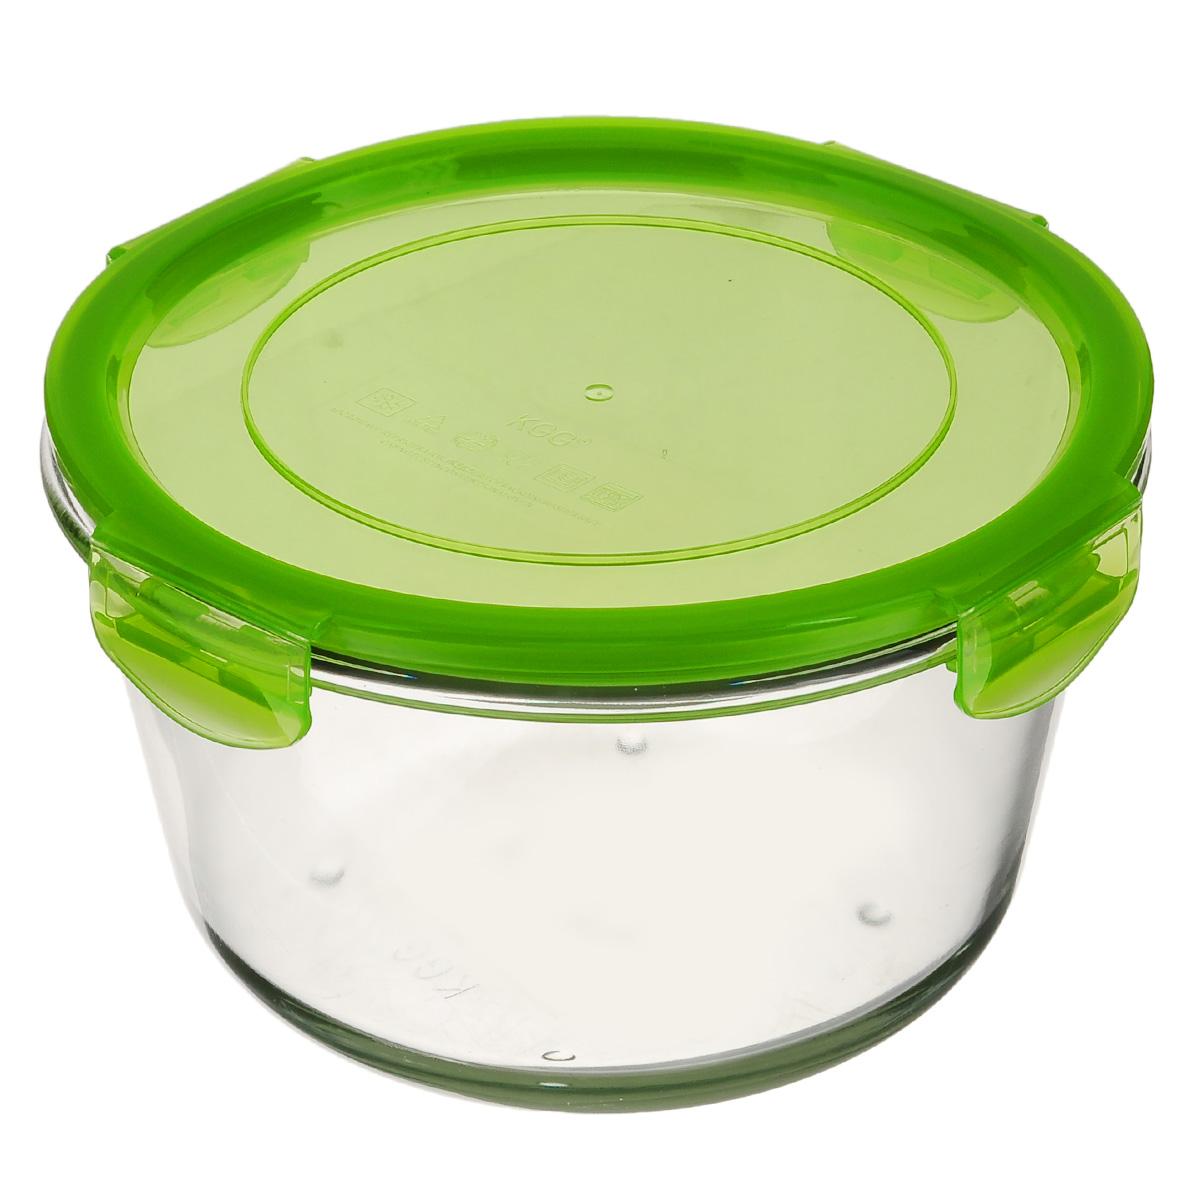 Форма для запекания Mijotex с крышкой, круглая, цвет: зеленый, диаметр 18 смLRD4CКруглая форма для запекания Mijotex изготовлена из жаропрочного стекла, которое выдерживает температуру до +450°С. Форма предназначена для приготовления горячих блюд. Оснащена герметичной пластиковой крышкой с силиконовым уплотнителем для хранения продуктов. Материал изделия гигиеничен, прост в уходе и обладает высокой степенью прочности. Форма (без крышки) идеально подходит для использования в духовках, микроволновых печах, холодильниках и морозильных камерах. Также ее можно использовать на газовых плитах (на слабом огне) и на электроплитах. Можно мыть в посудомоечной машине. Диаметр формы (по верхнему краю): 18 см. Высота стенки формы: 11 см.